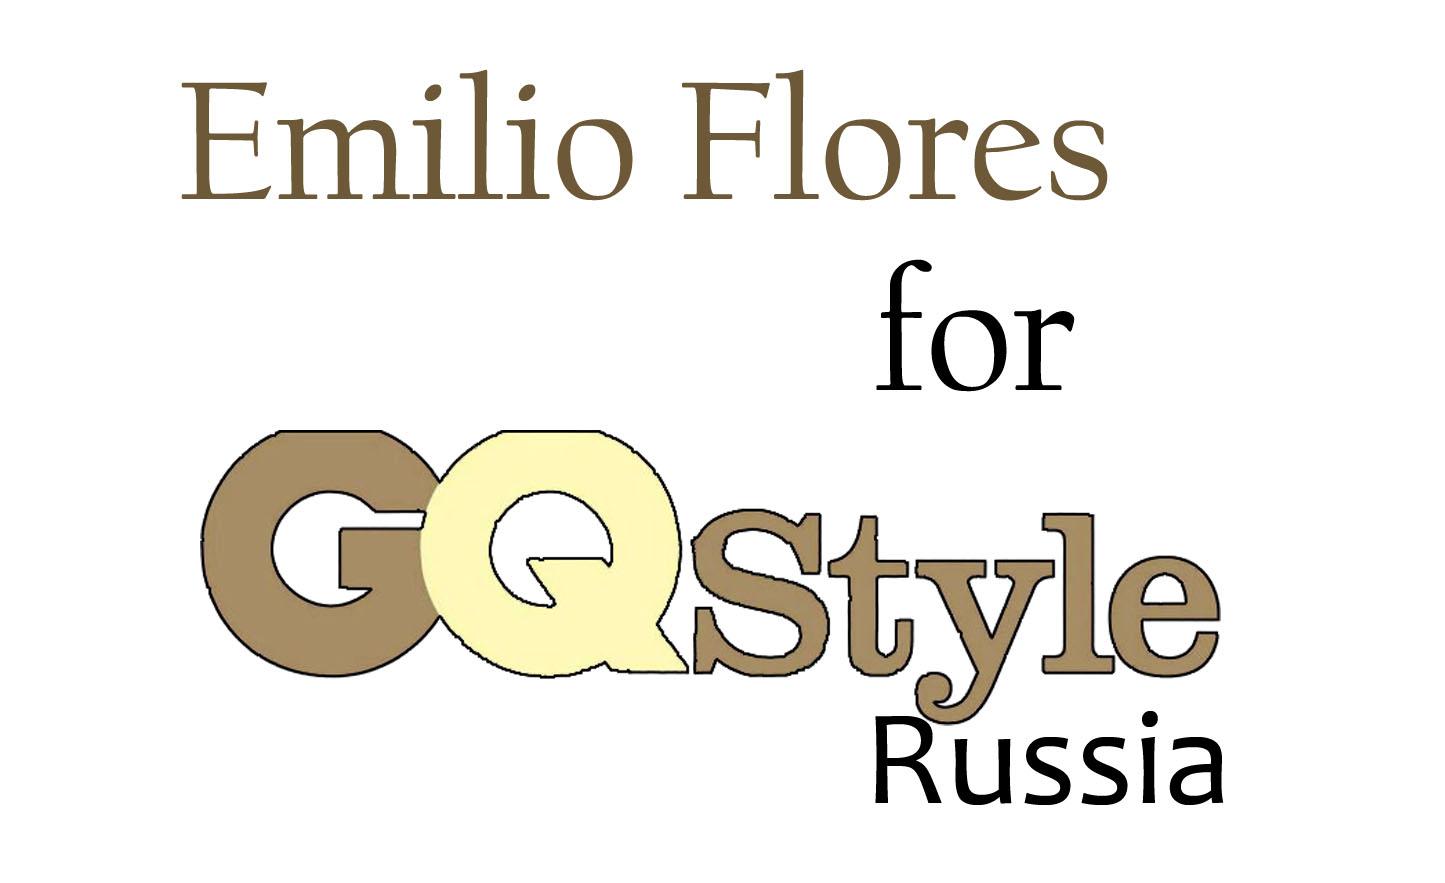 http://2.bp.blogspot.com/-HHfxGmp7Op8/TlzG7Q9aB9I/AAAAAAAABWI/i0achC0paho/s1600/Emilio%2Bflores%2Bfor%2BGQ%2Bstyle.jpg